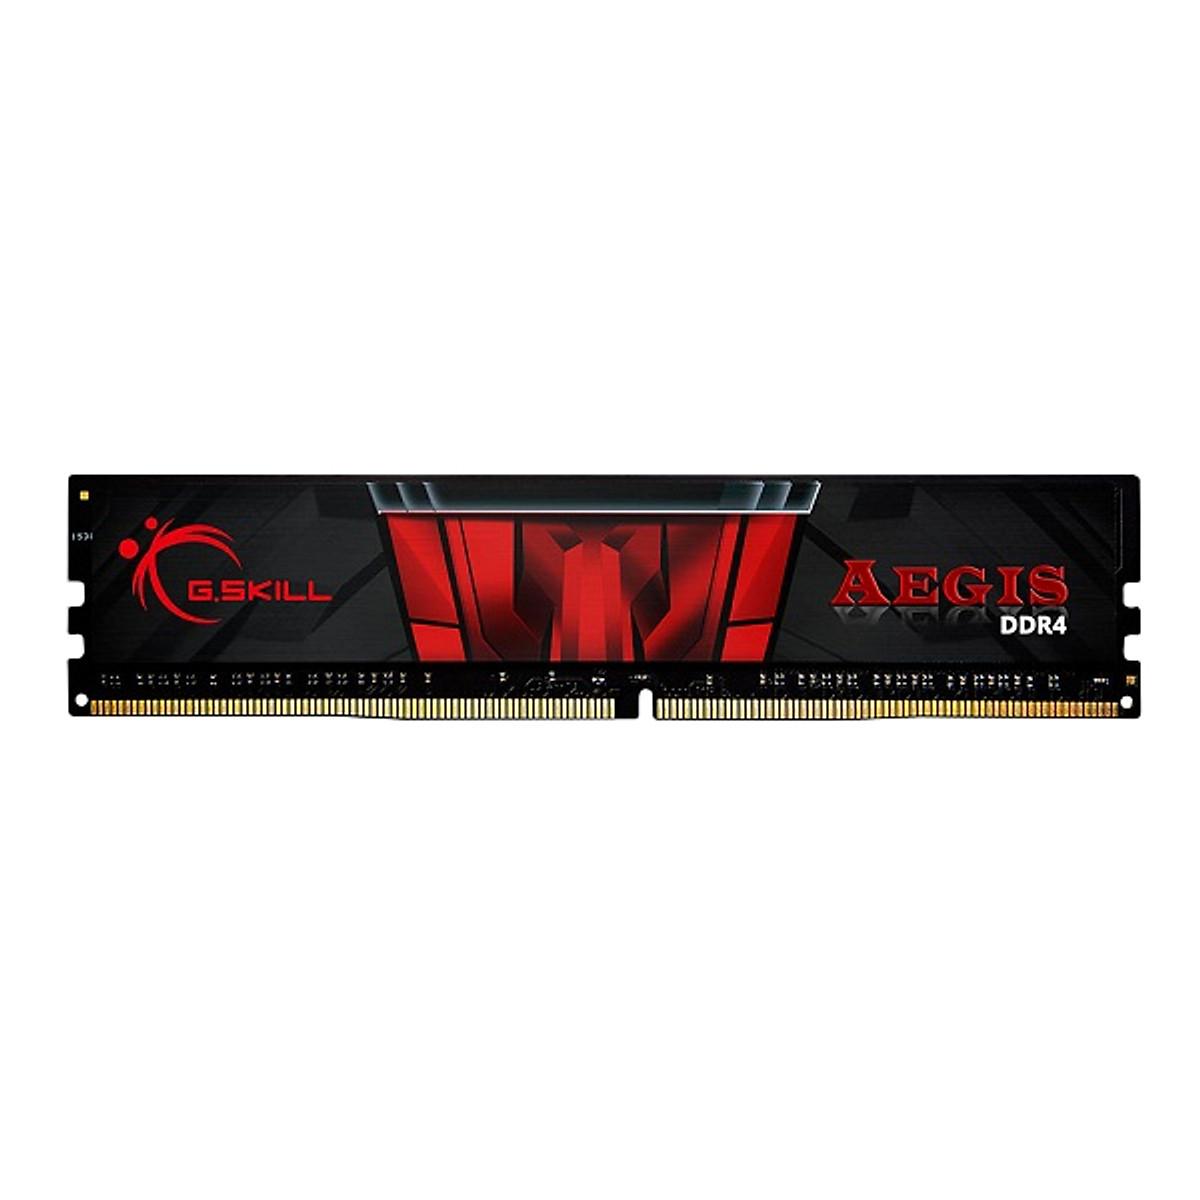 RAM GSKILL 8GB F4 2666C19S-8GIS DDR4 – Hàng Chính Hãng